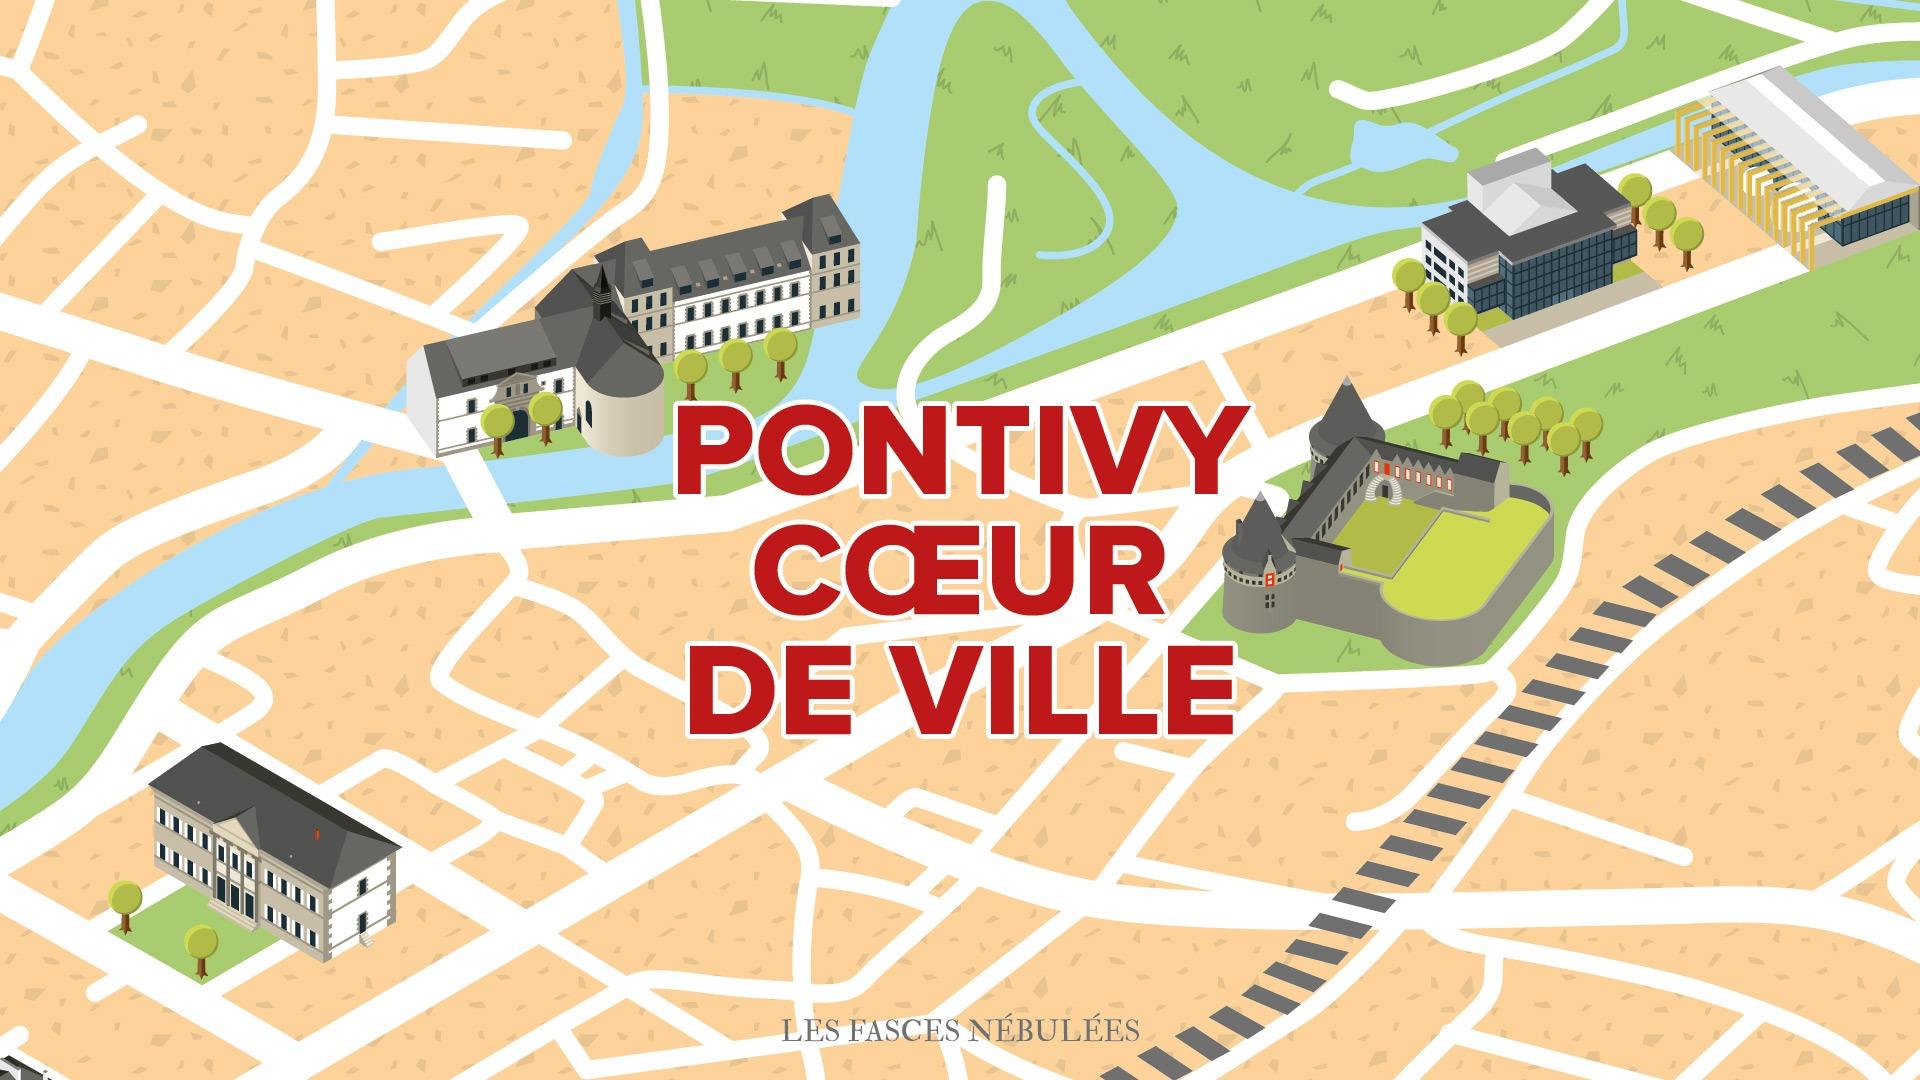 Pontivy </br> Cœur de ville